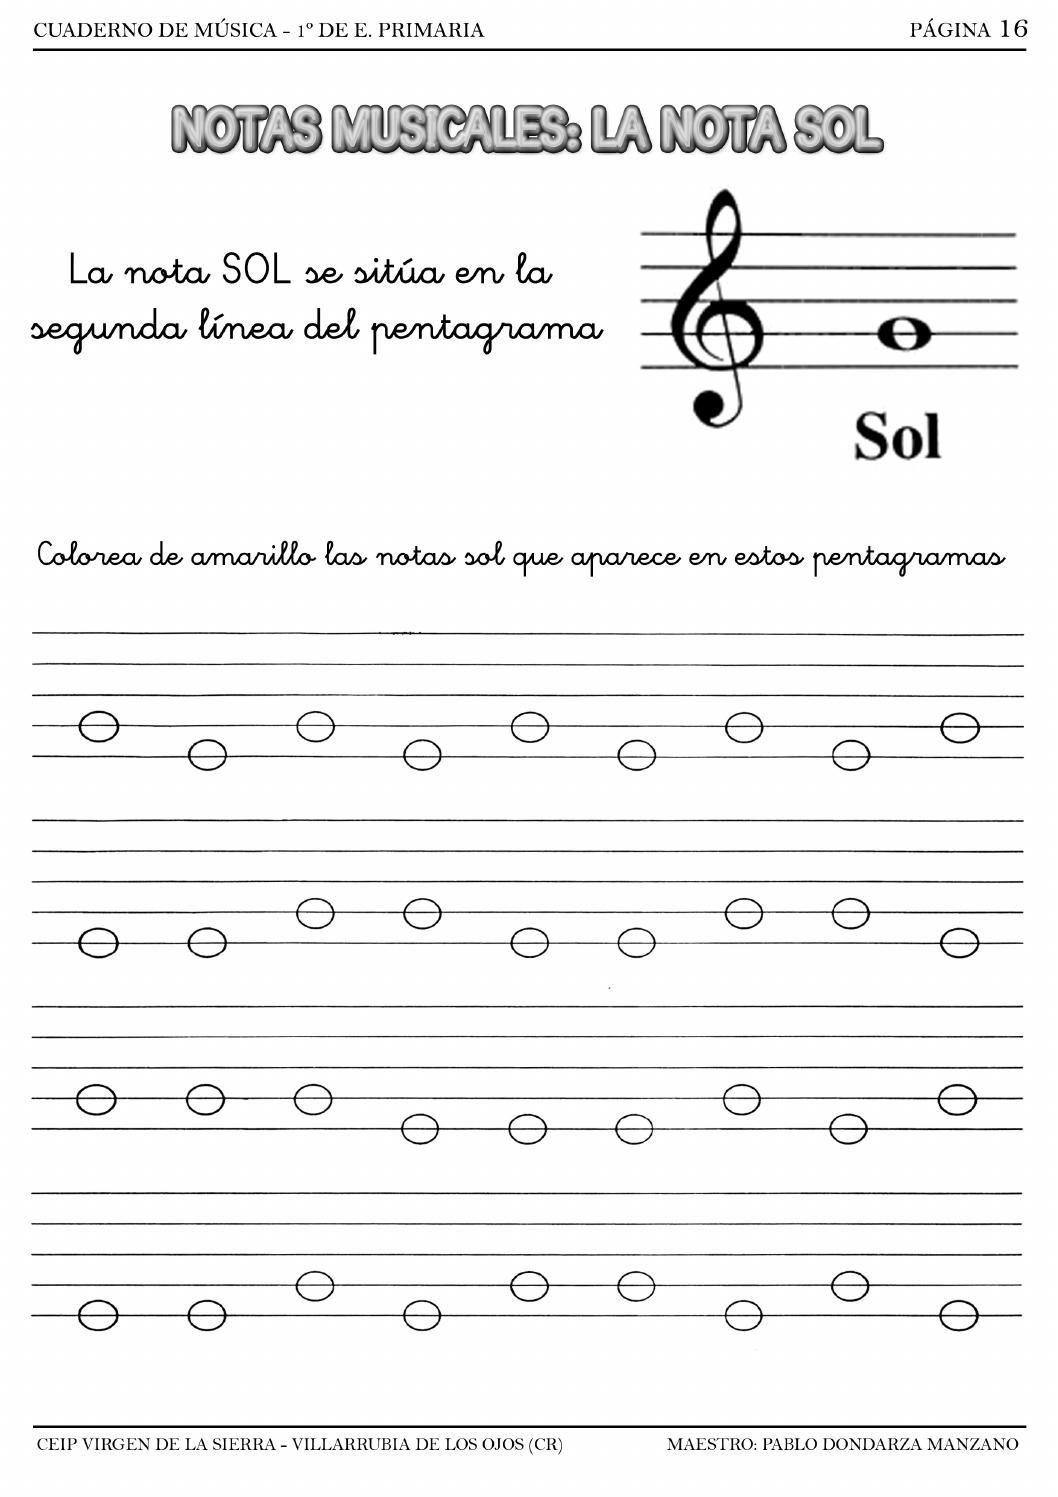 Baixar Imagens Atividades Com Notas Musicais Para Imprimir